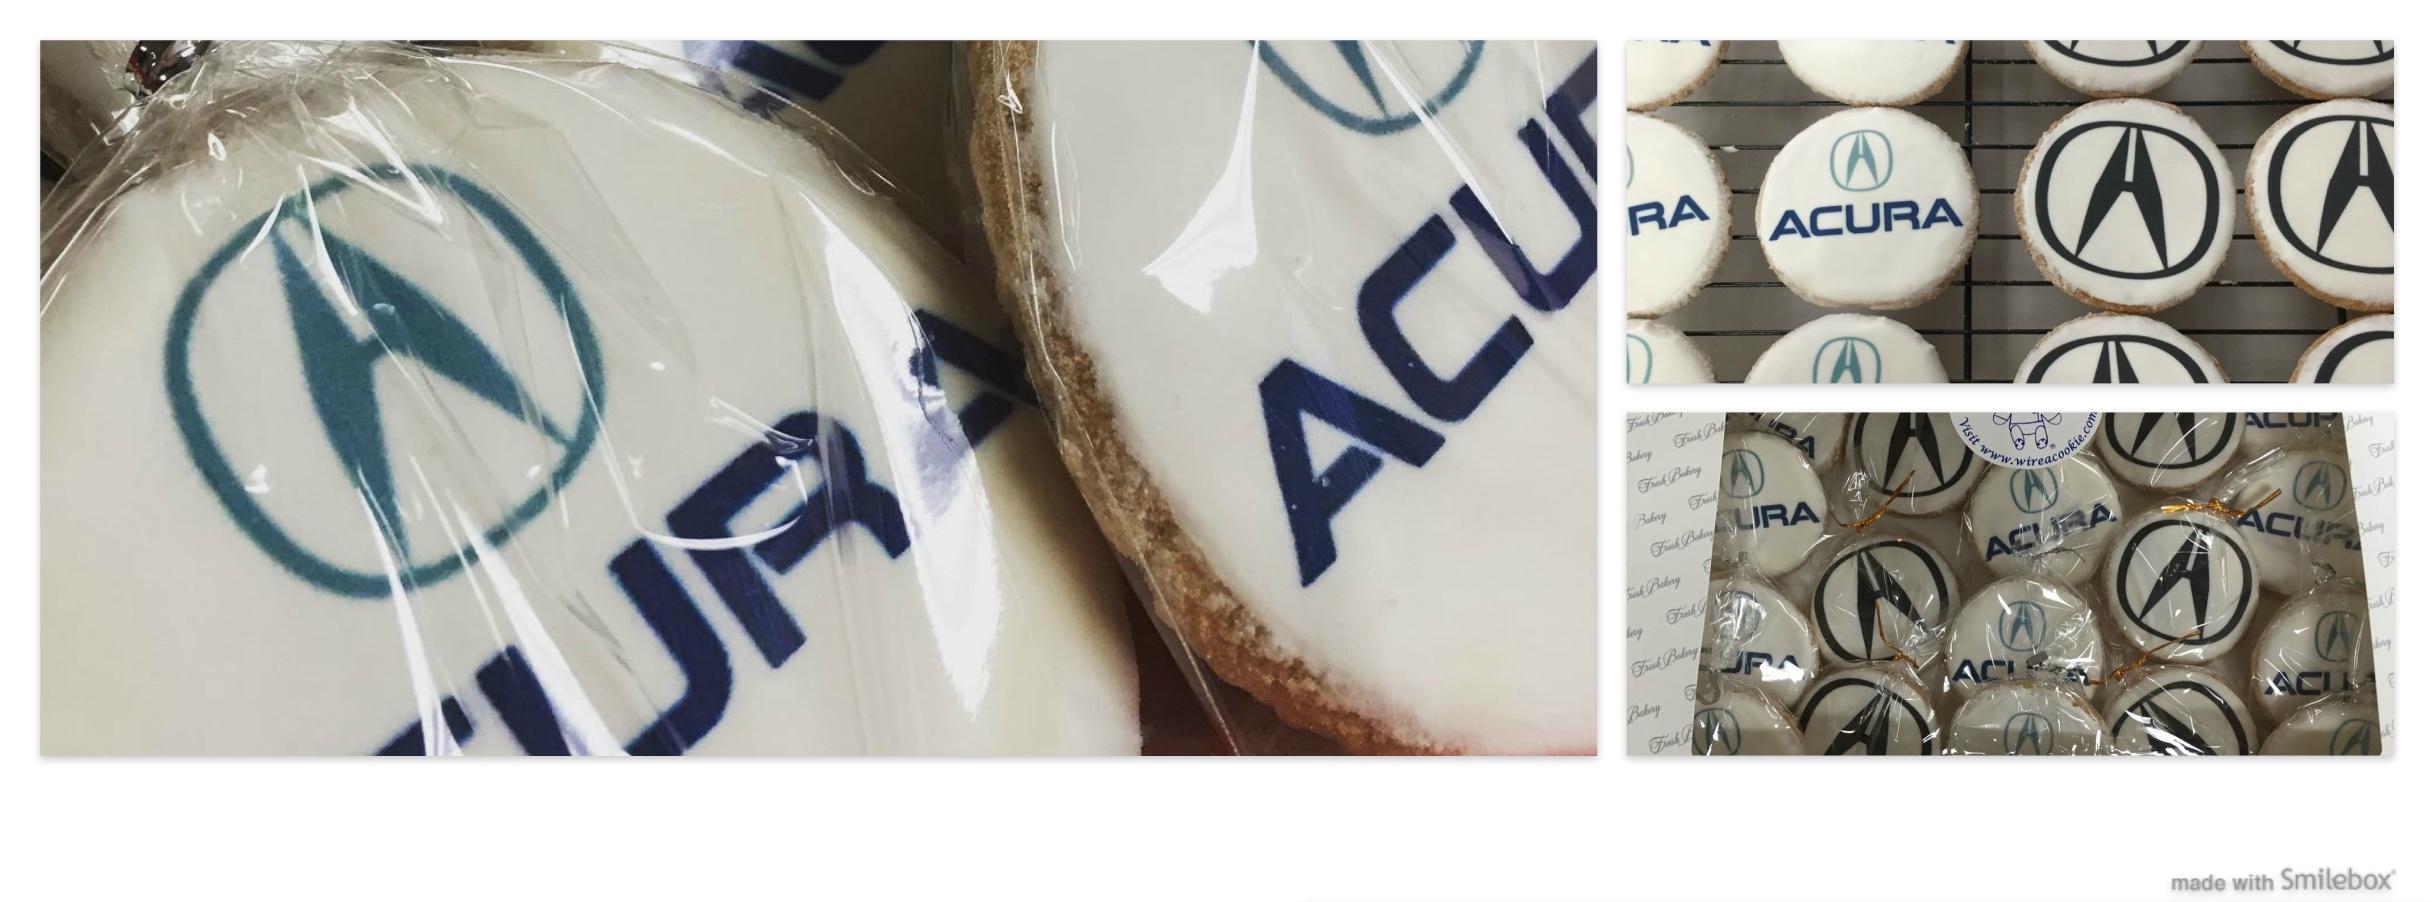 Acura cover.jpg